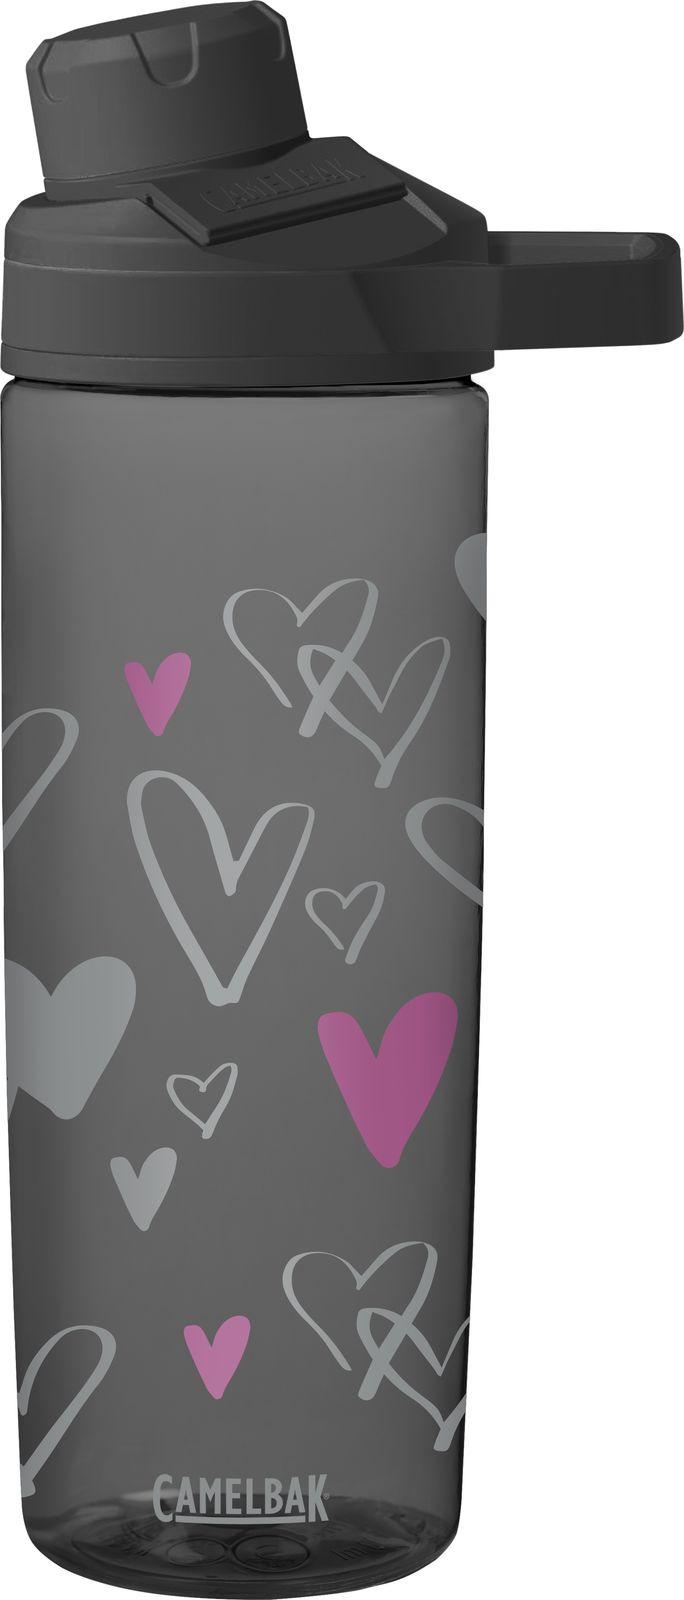 Бутылка для воды Camelbak Chute Mag Sketched Hearts, 2100001160, разноцветный, 600 мл